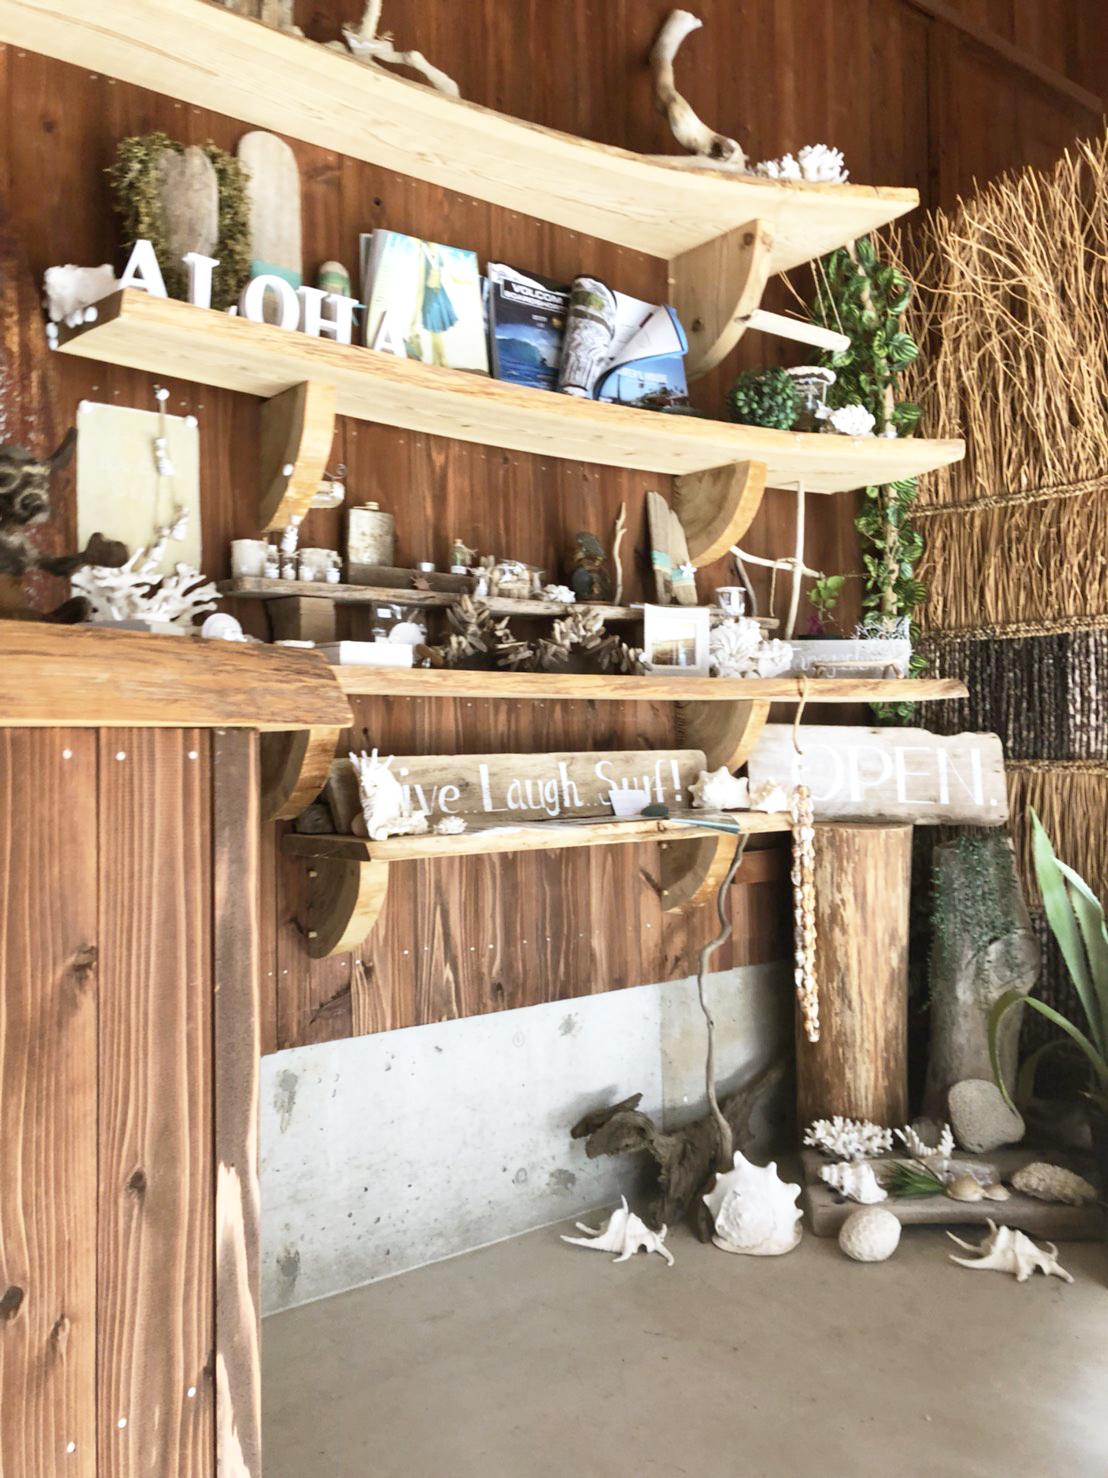 島の海を感じさせるハンドメイド雑貨pua otaneの商品